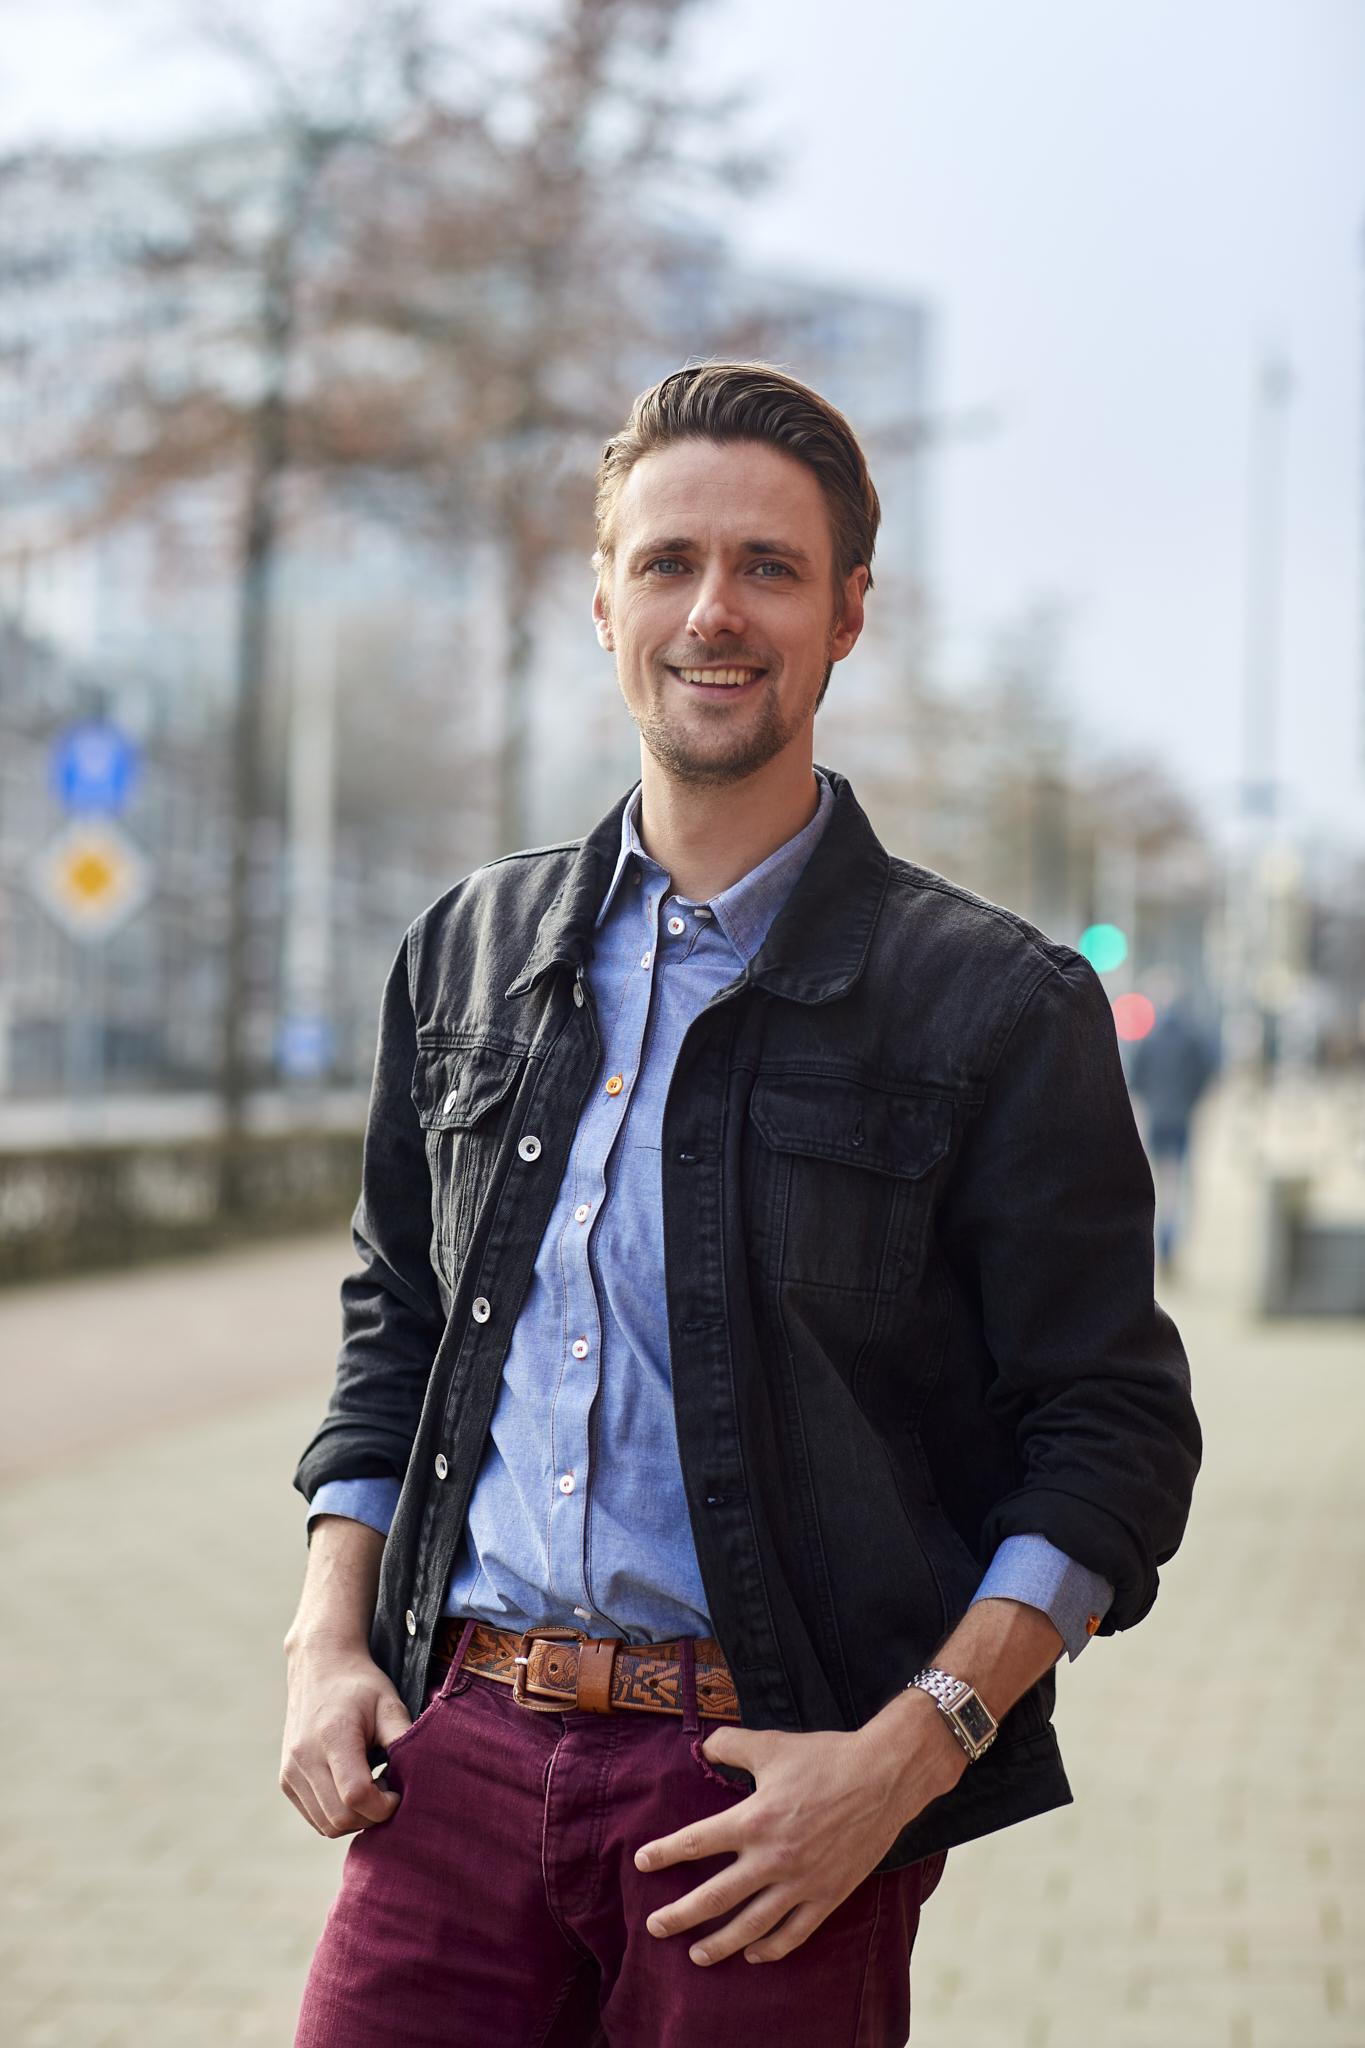 Veilig Verkeer Nederland Magazines